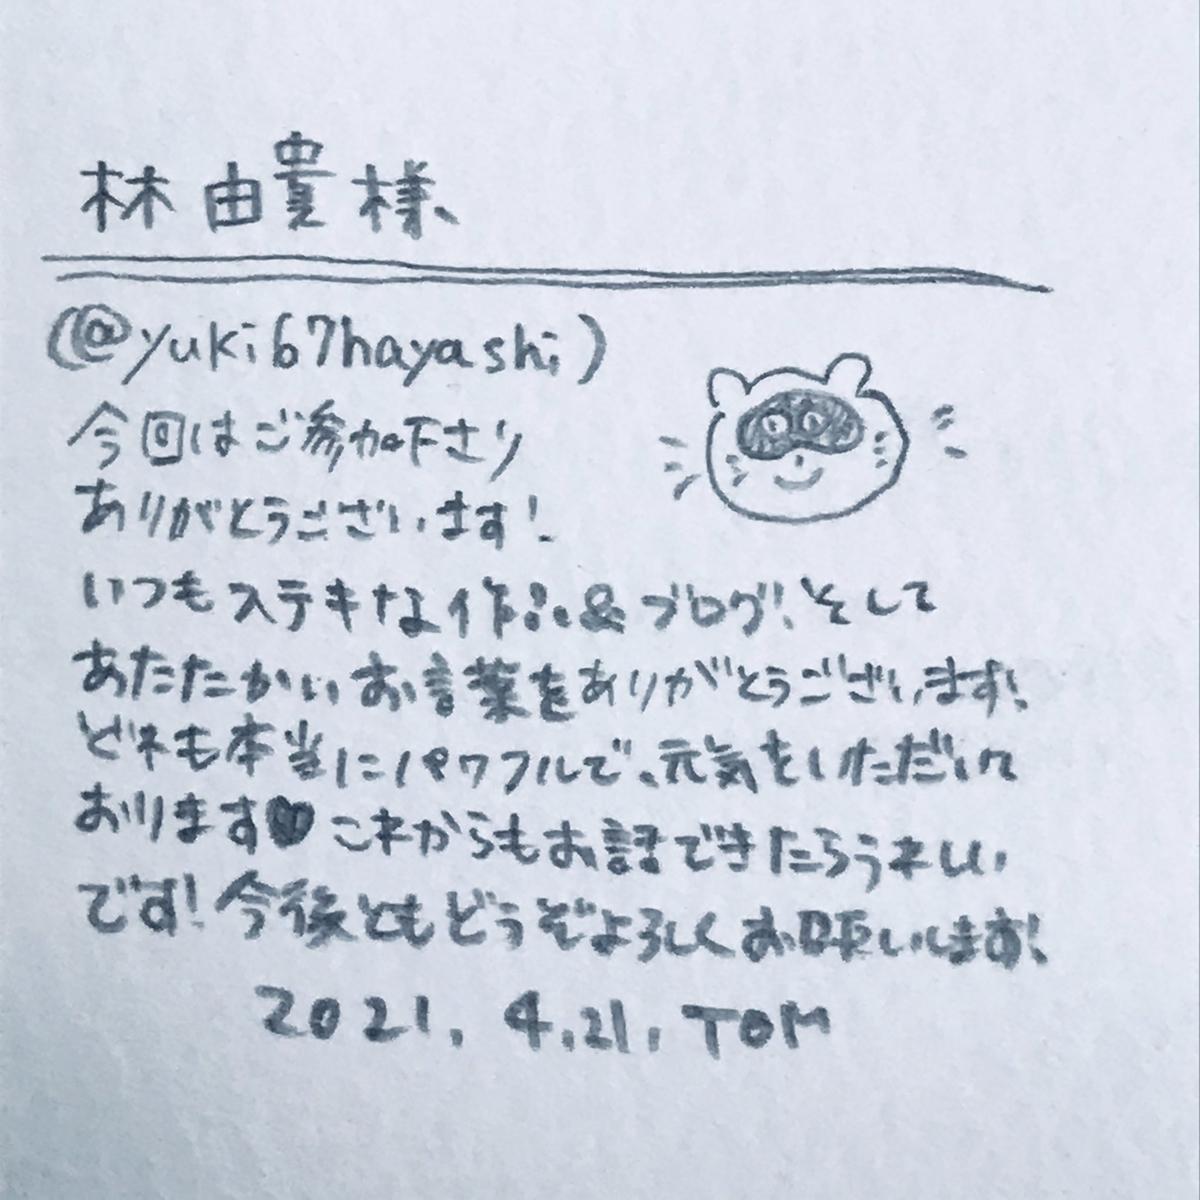 f:id:yuki67hayashi:20210423185808j:plain